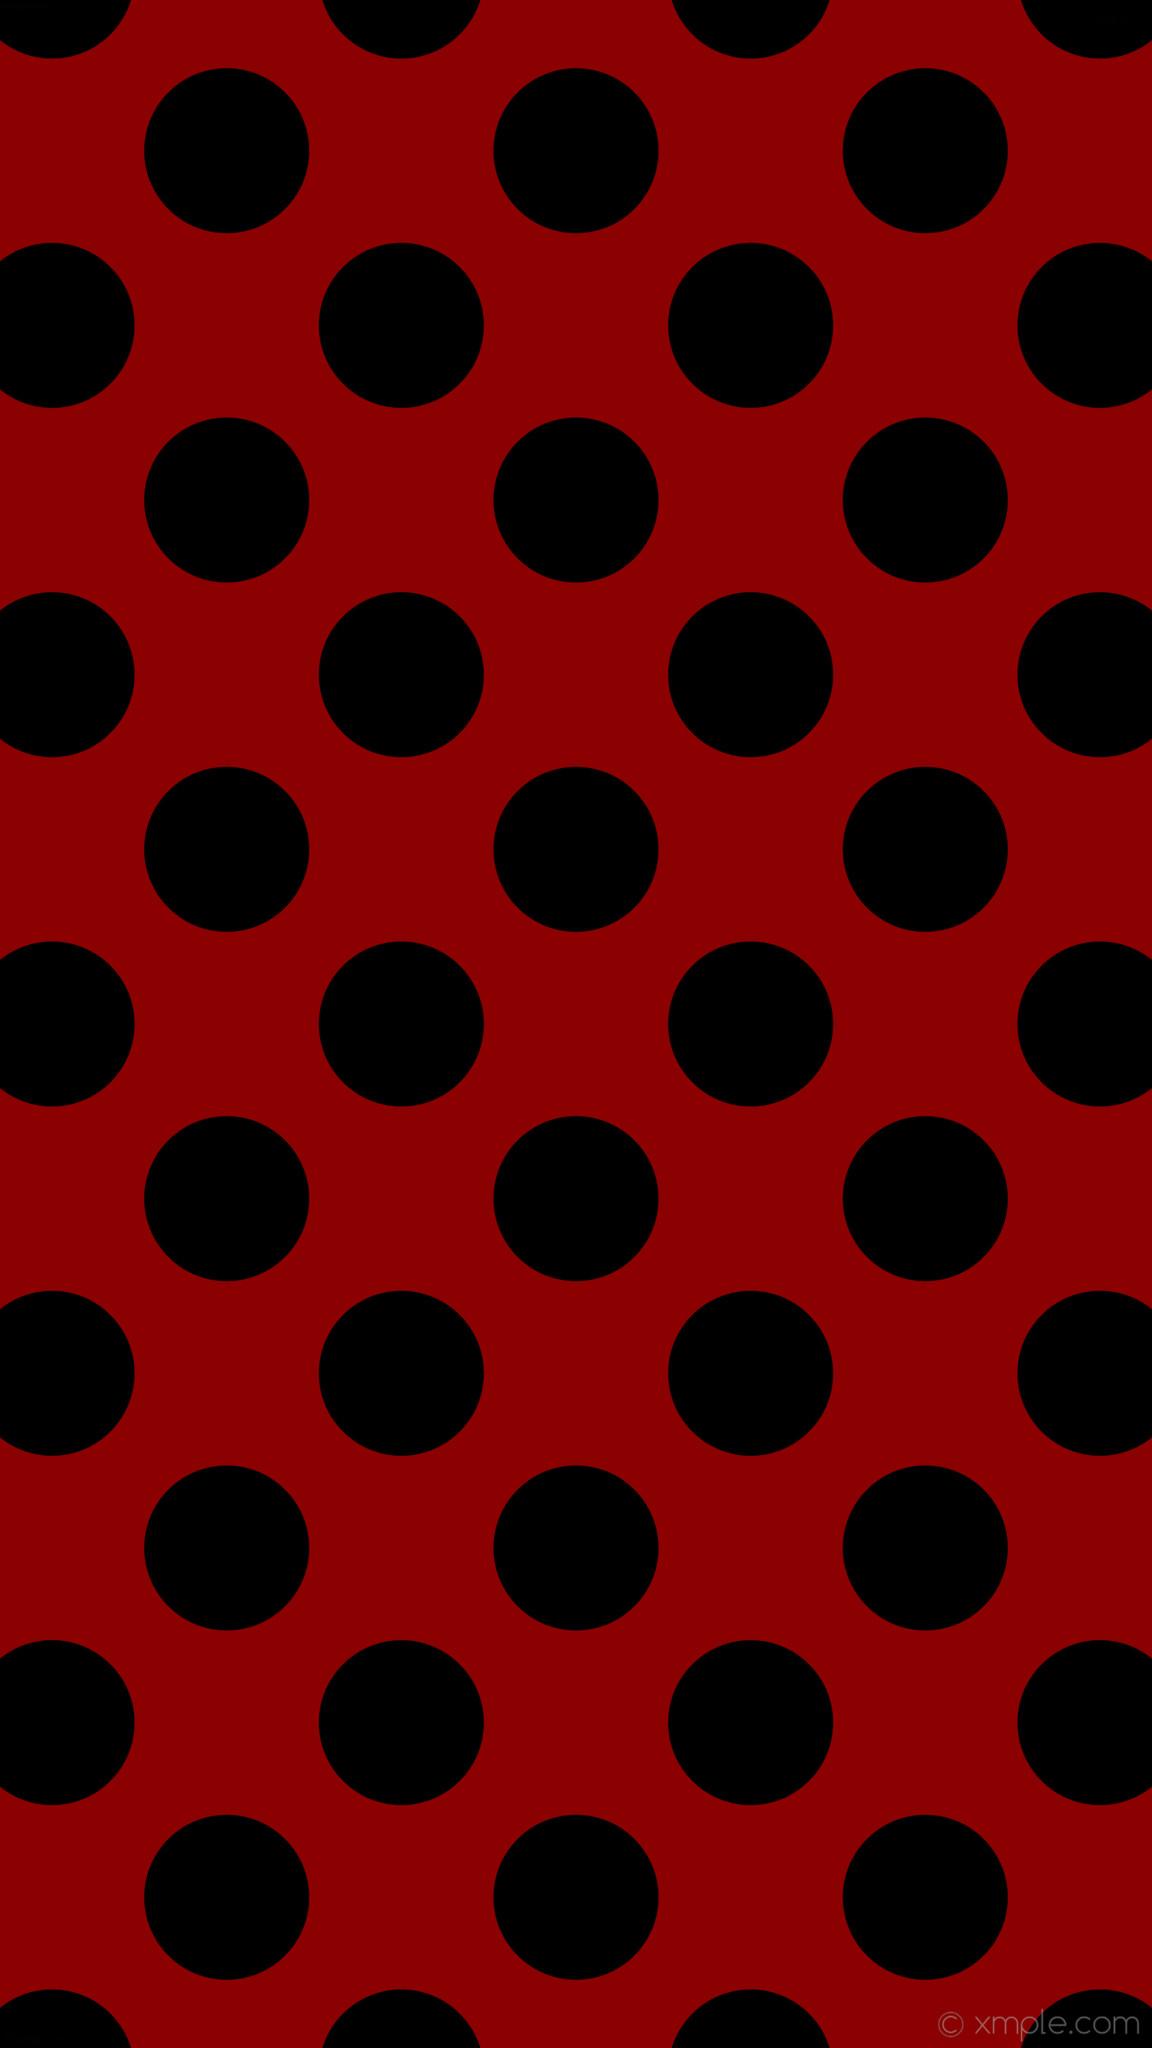 wallpaper red polka dots black spots dark red #8b0000 #000000 225° 165px  247px